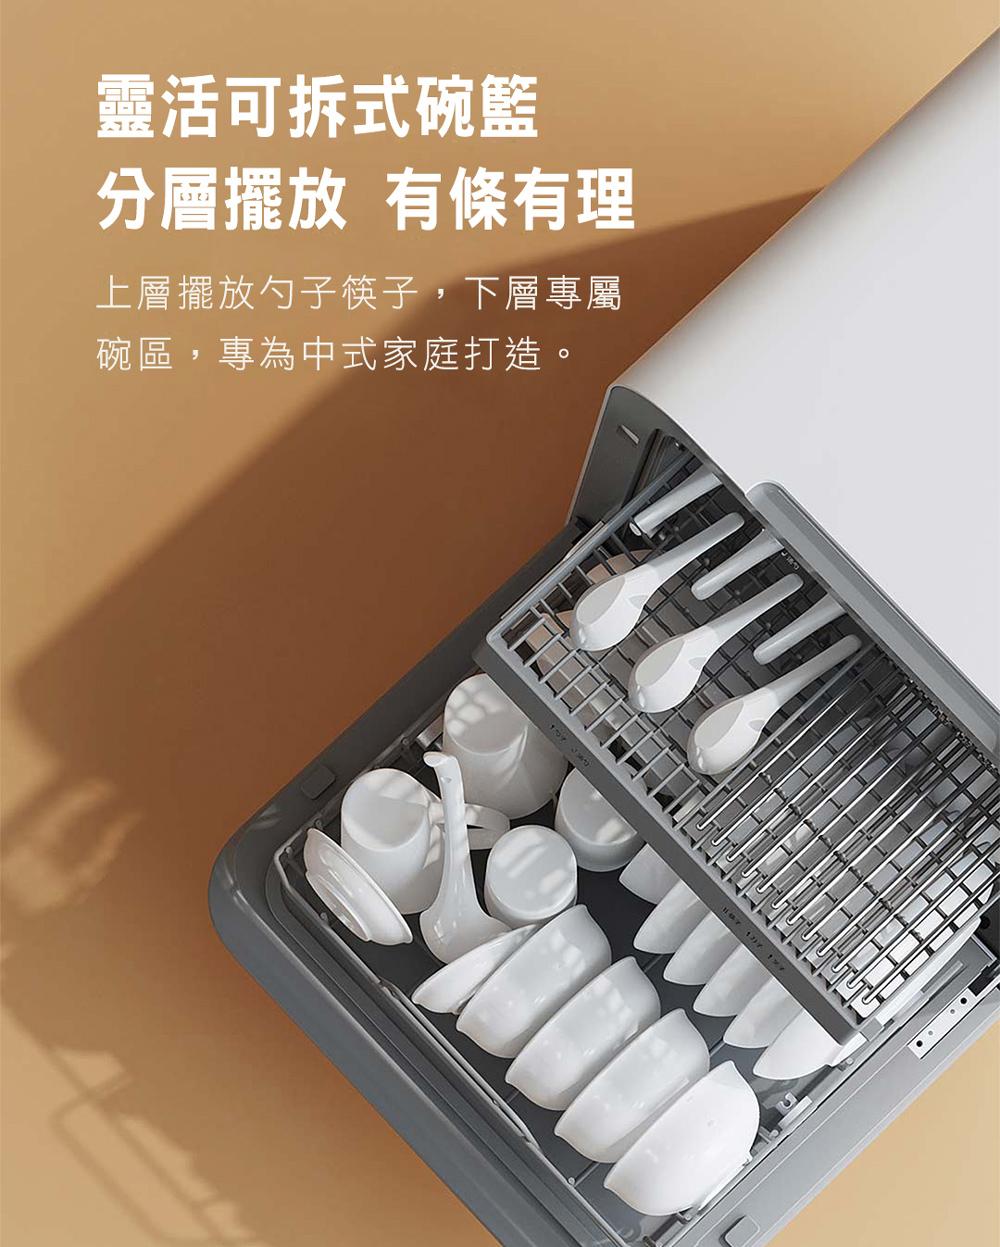 【早鳥優惠】VIOMI 雲米互聯網免安裝洗烘碗機(VDW0401) - 15